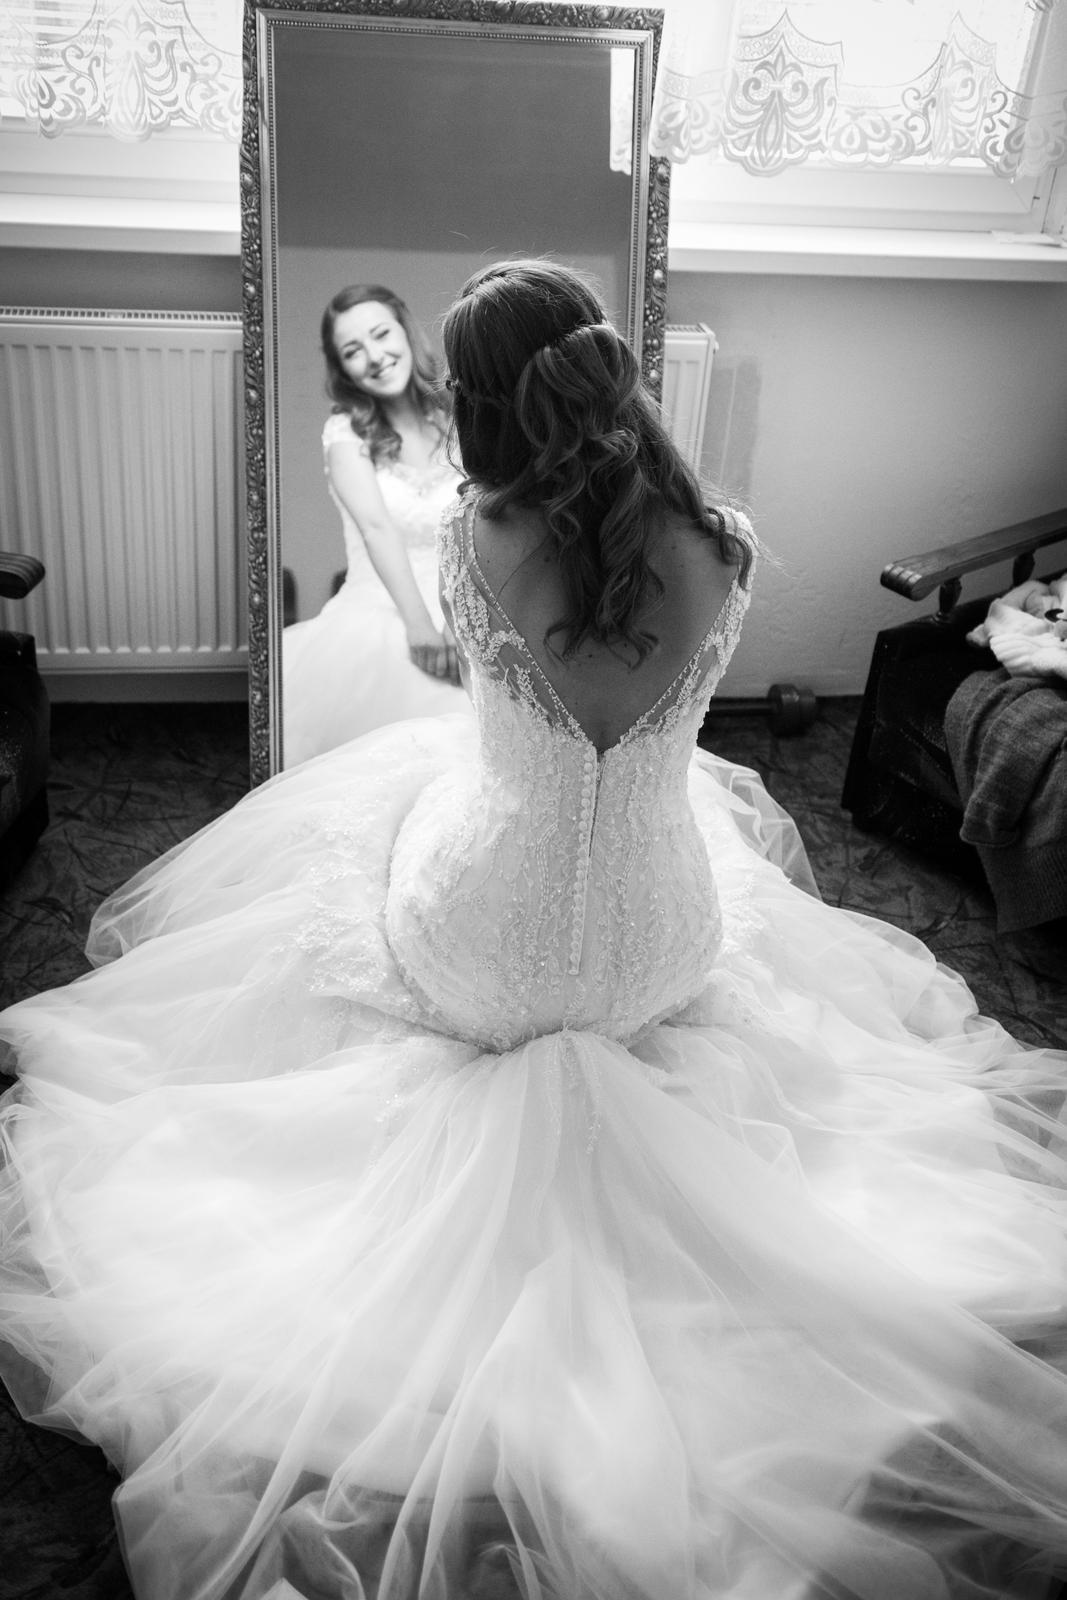 Prodej / Pronájem svatebních šatů  - Obrázek č. 4